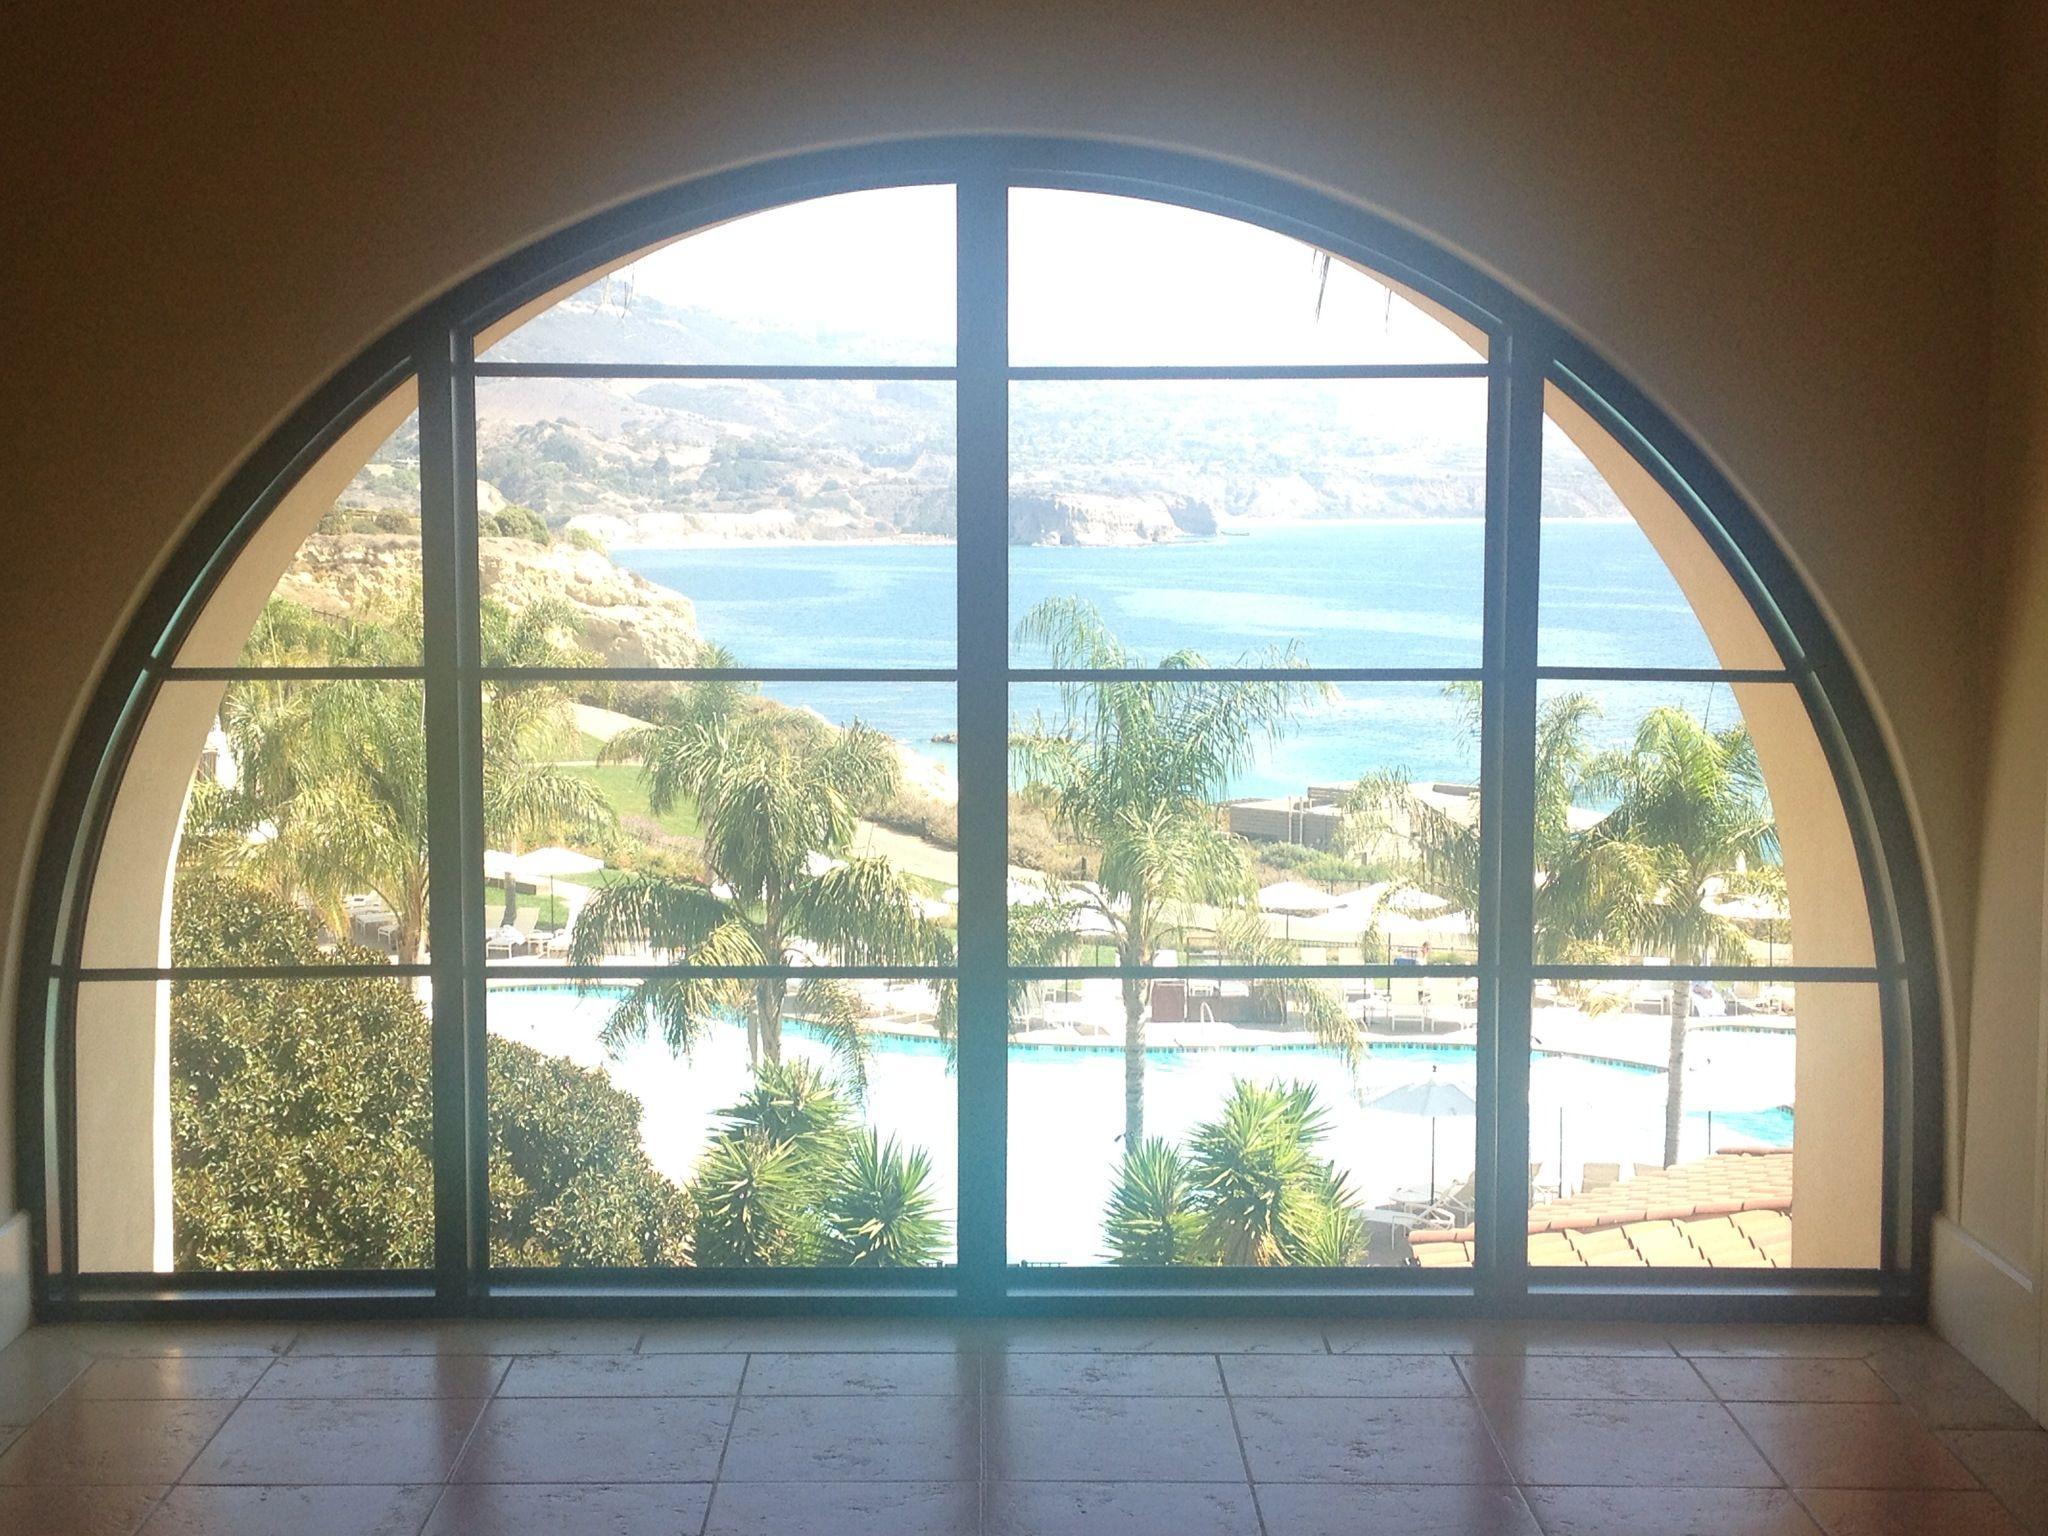 Beautiful View in So Cal